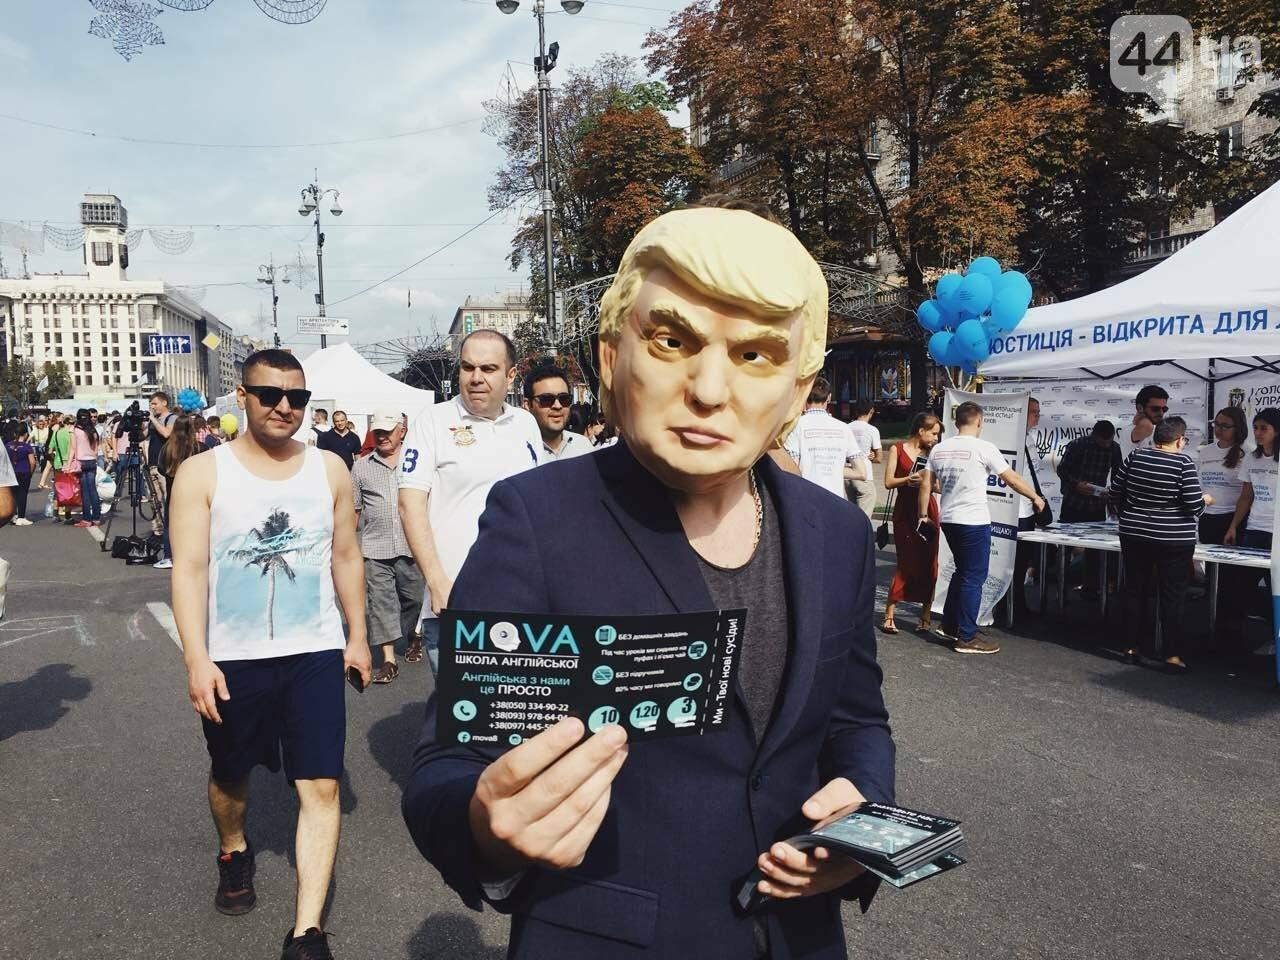 """Как на Крещатике прошел фестиваль """"Маркет языков"""", - ФОТООТЧЕТ, фото-26"""